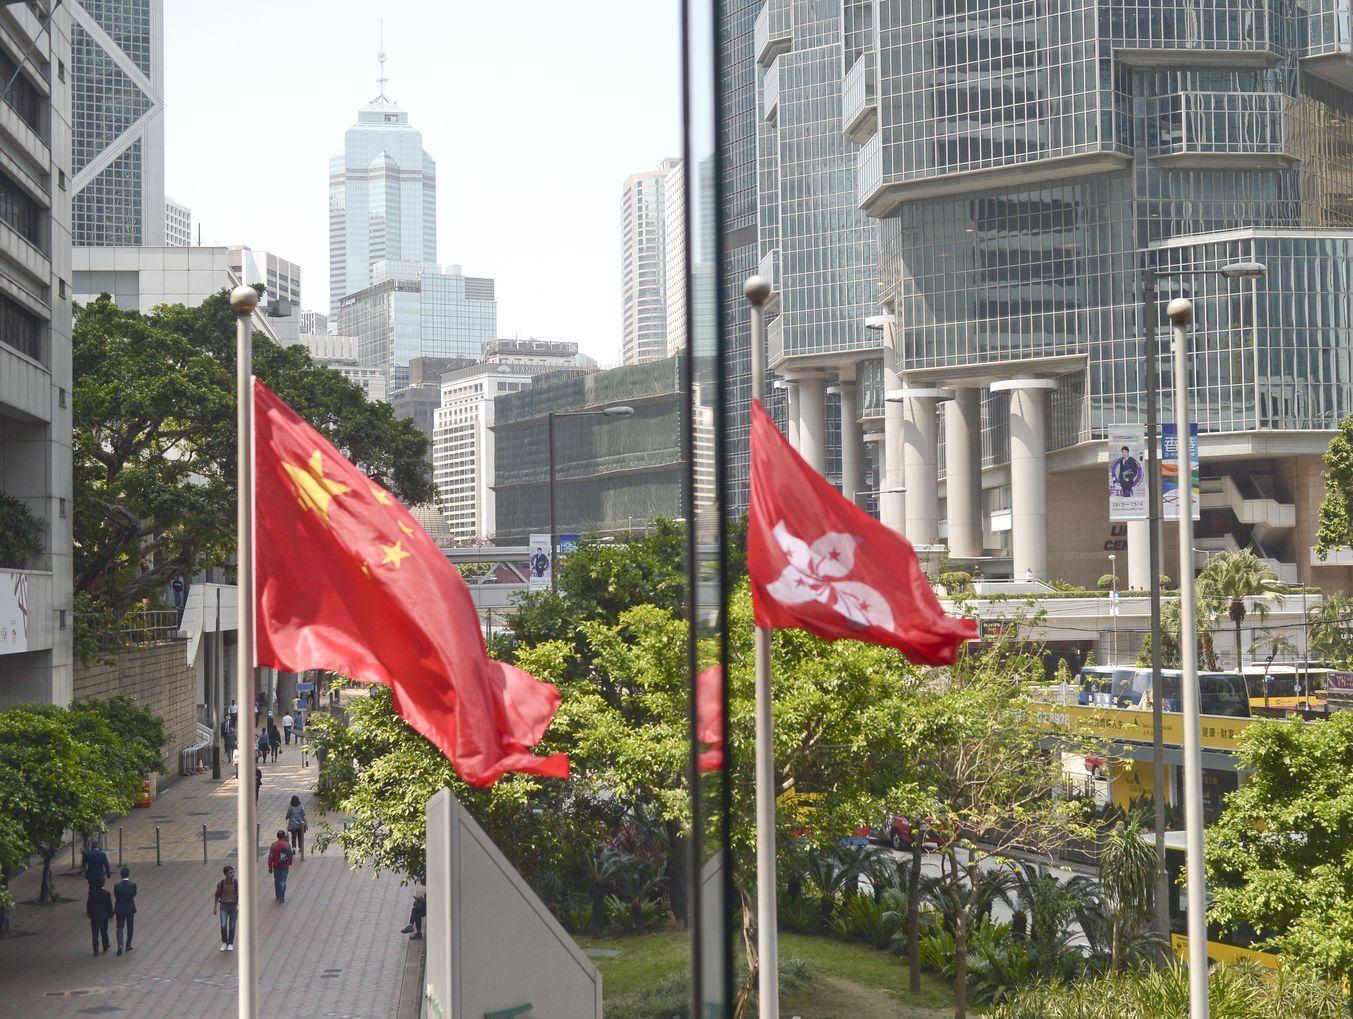 馮玉蘭亦擔心日後引渡會由中國政府主導。資料圖片